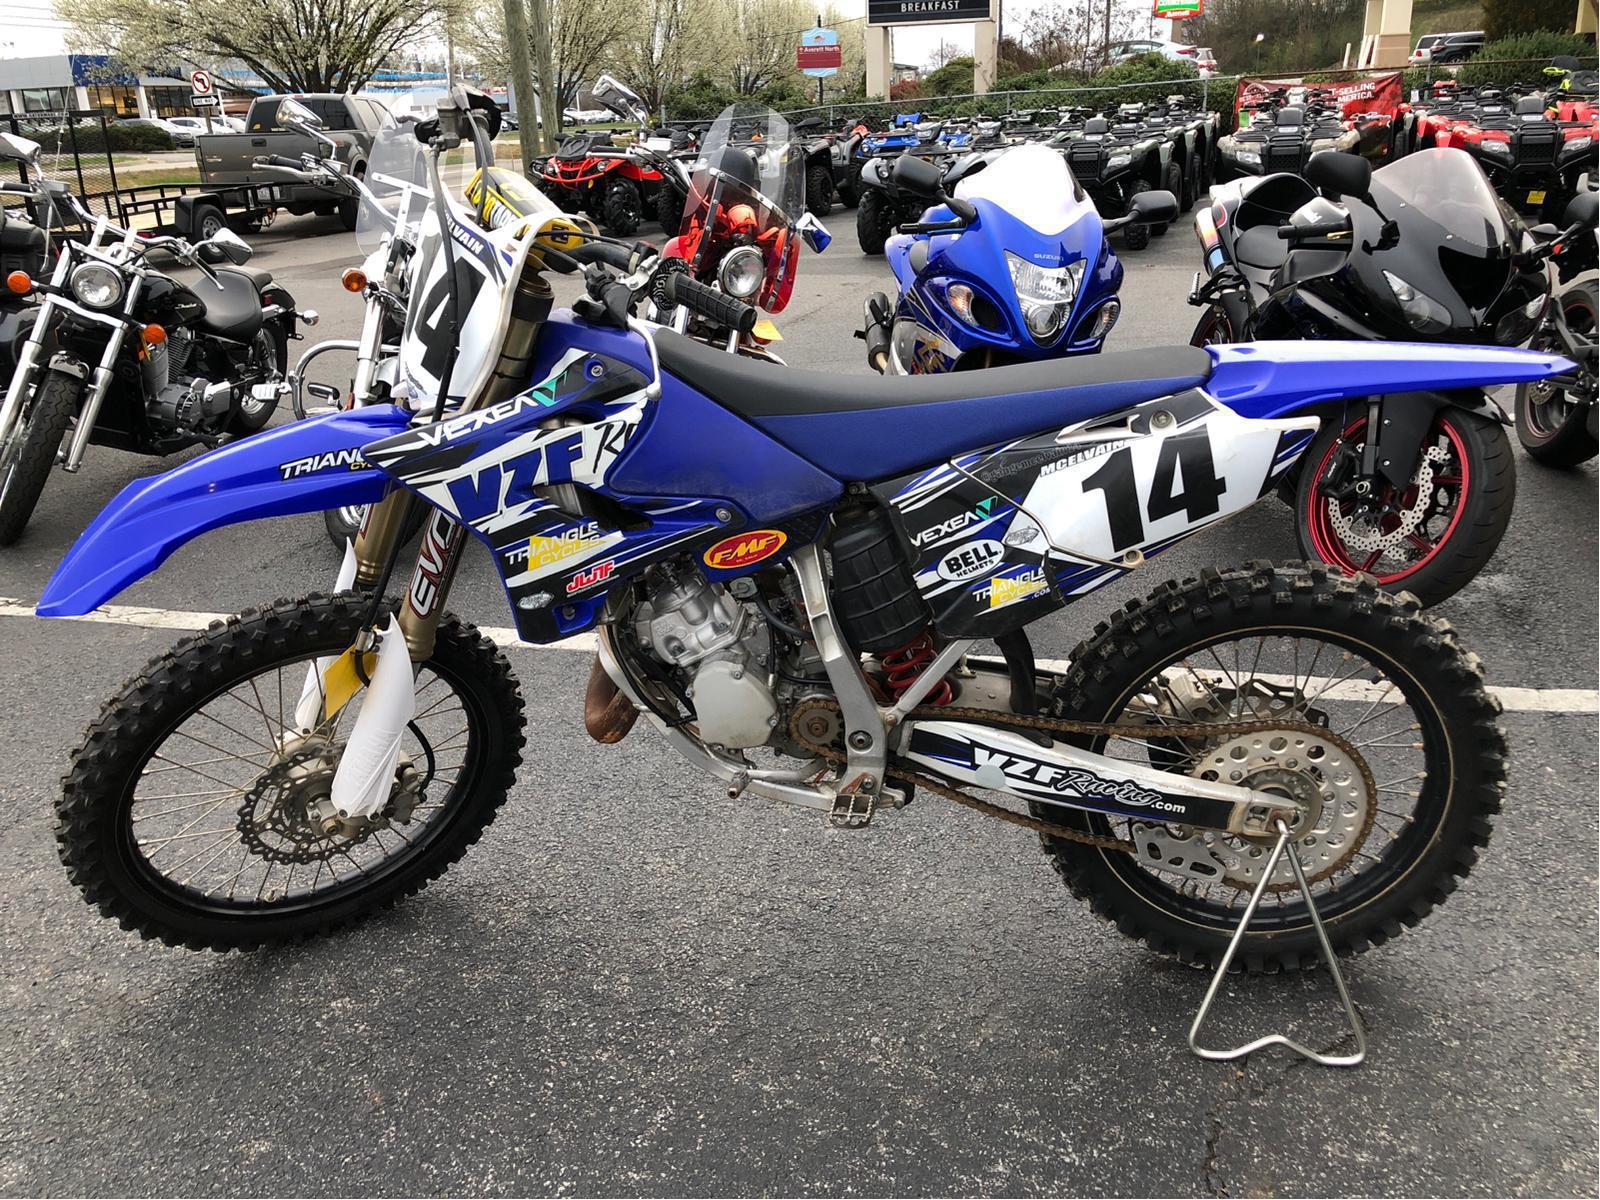 Used Dirt Bikes Triangle Cycles Danville Danville Va 434 799 8000